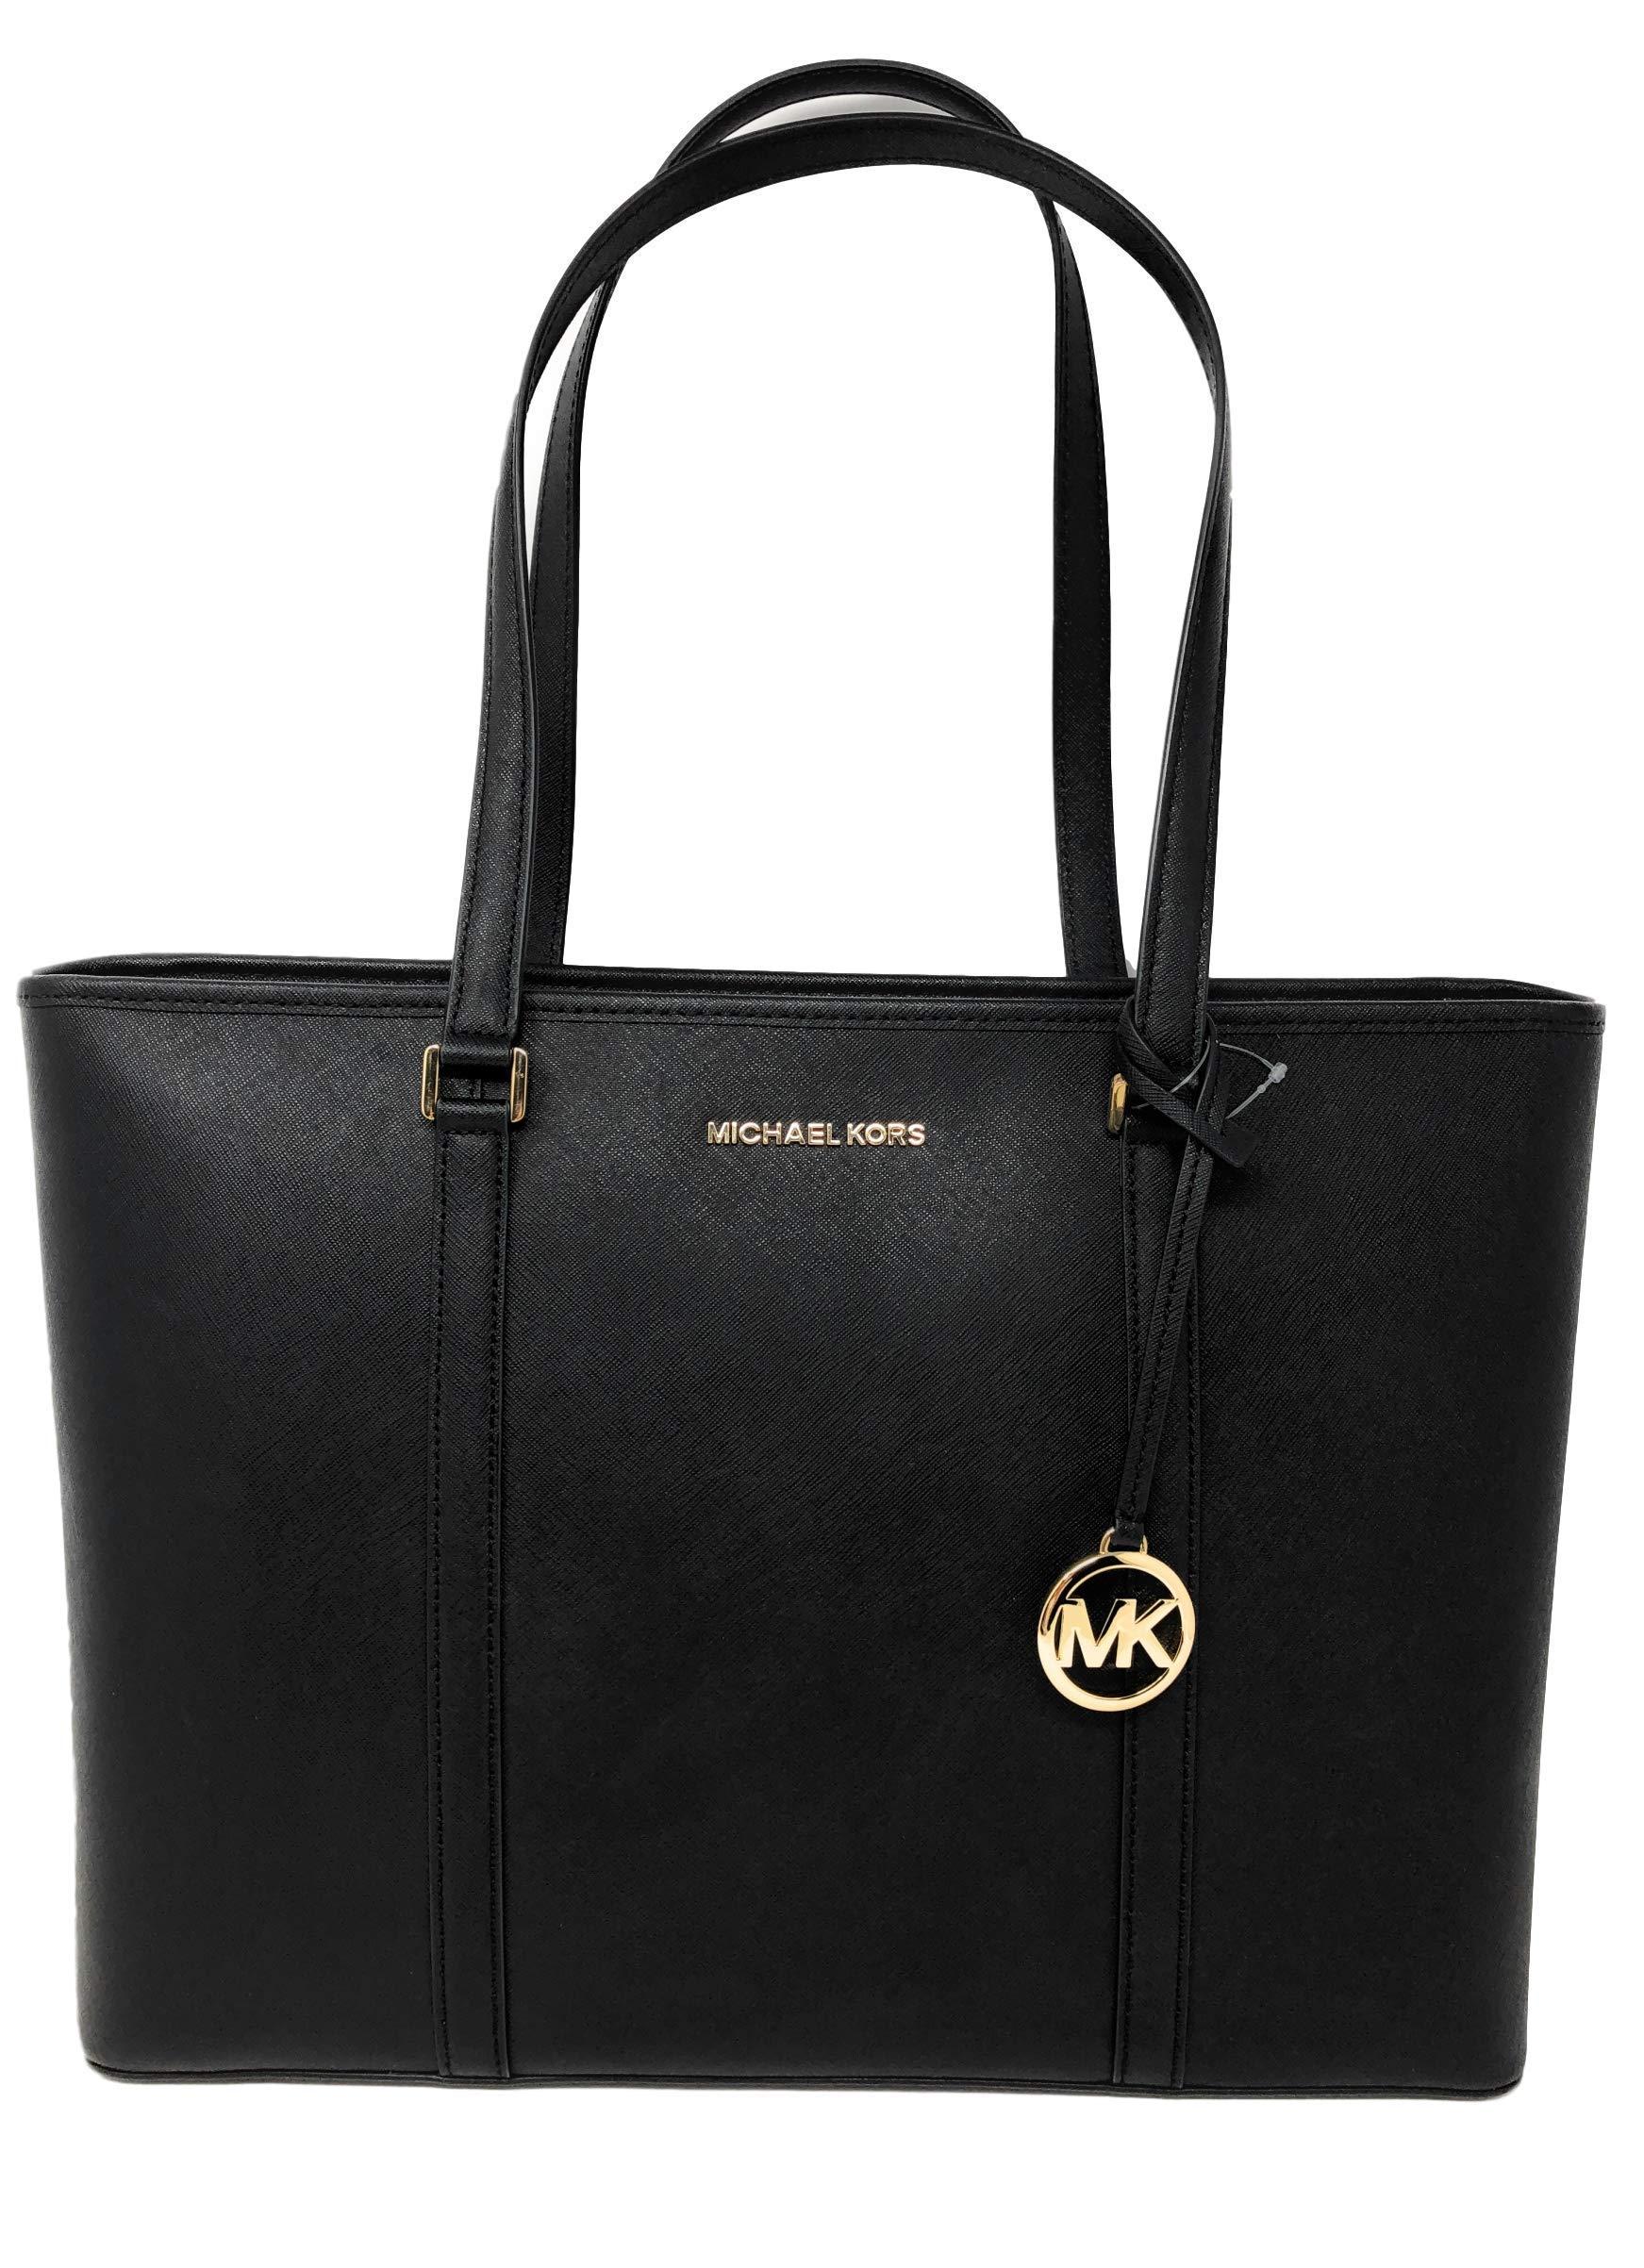 Michael Kors Large Sady Carryall Shoulder Bag (Black) by Michael Kors